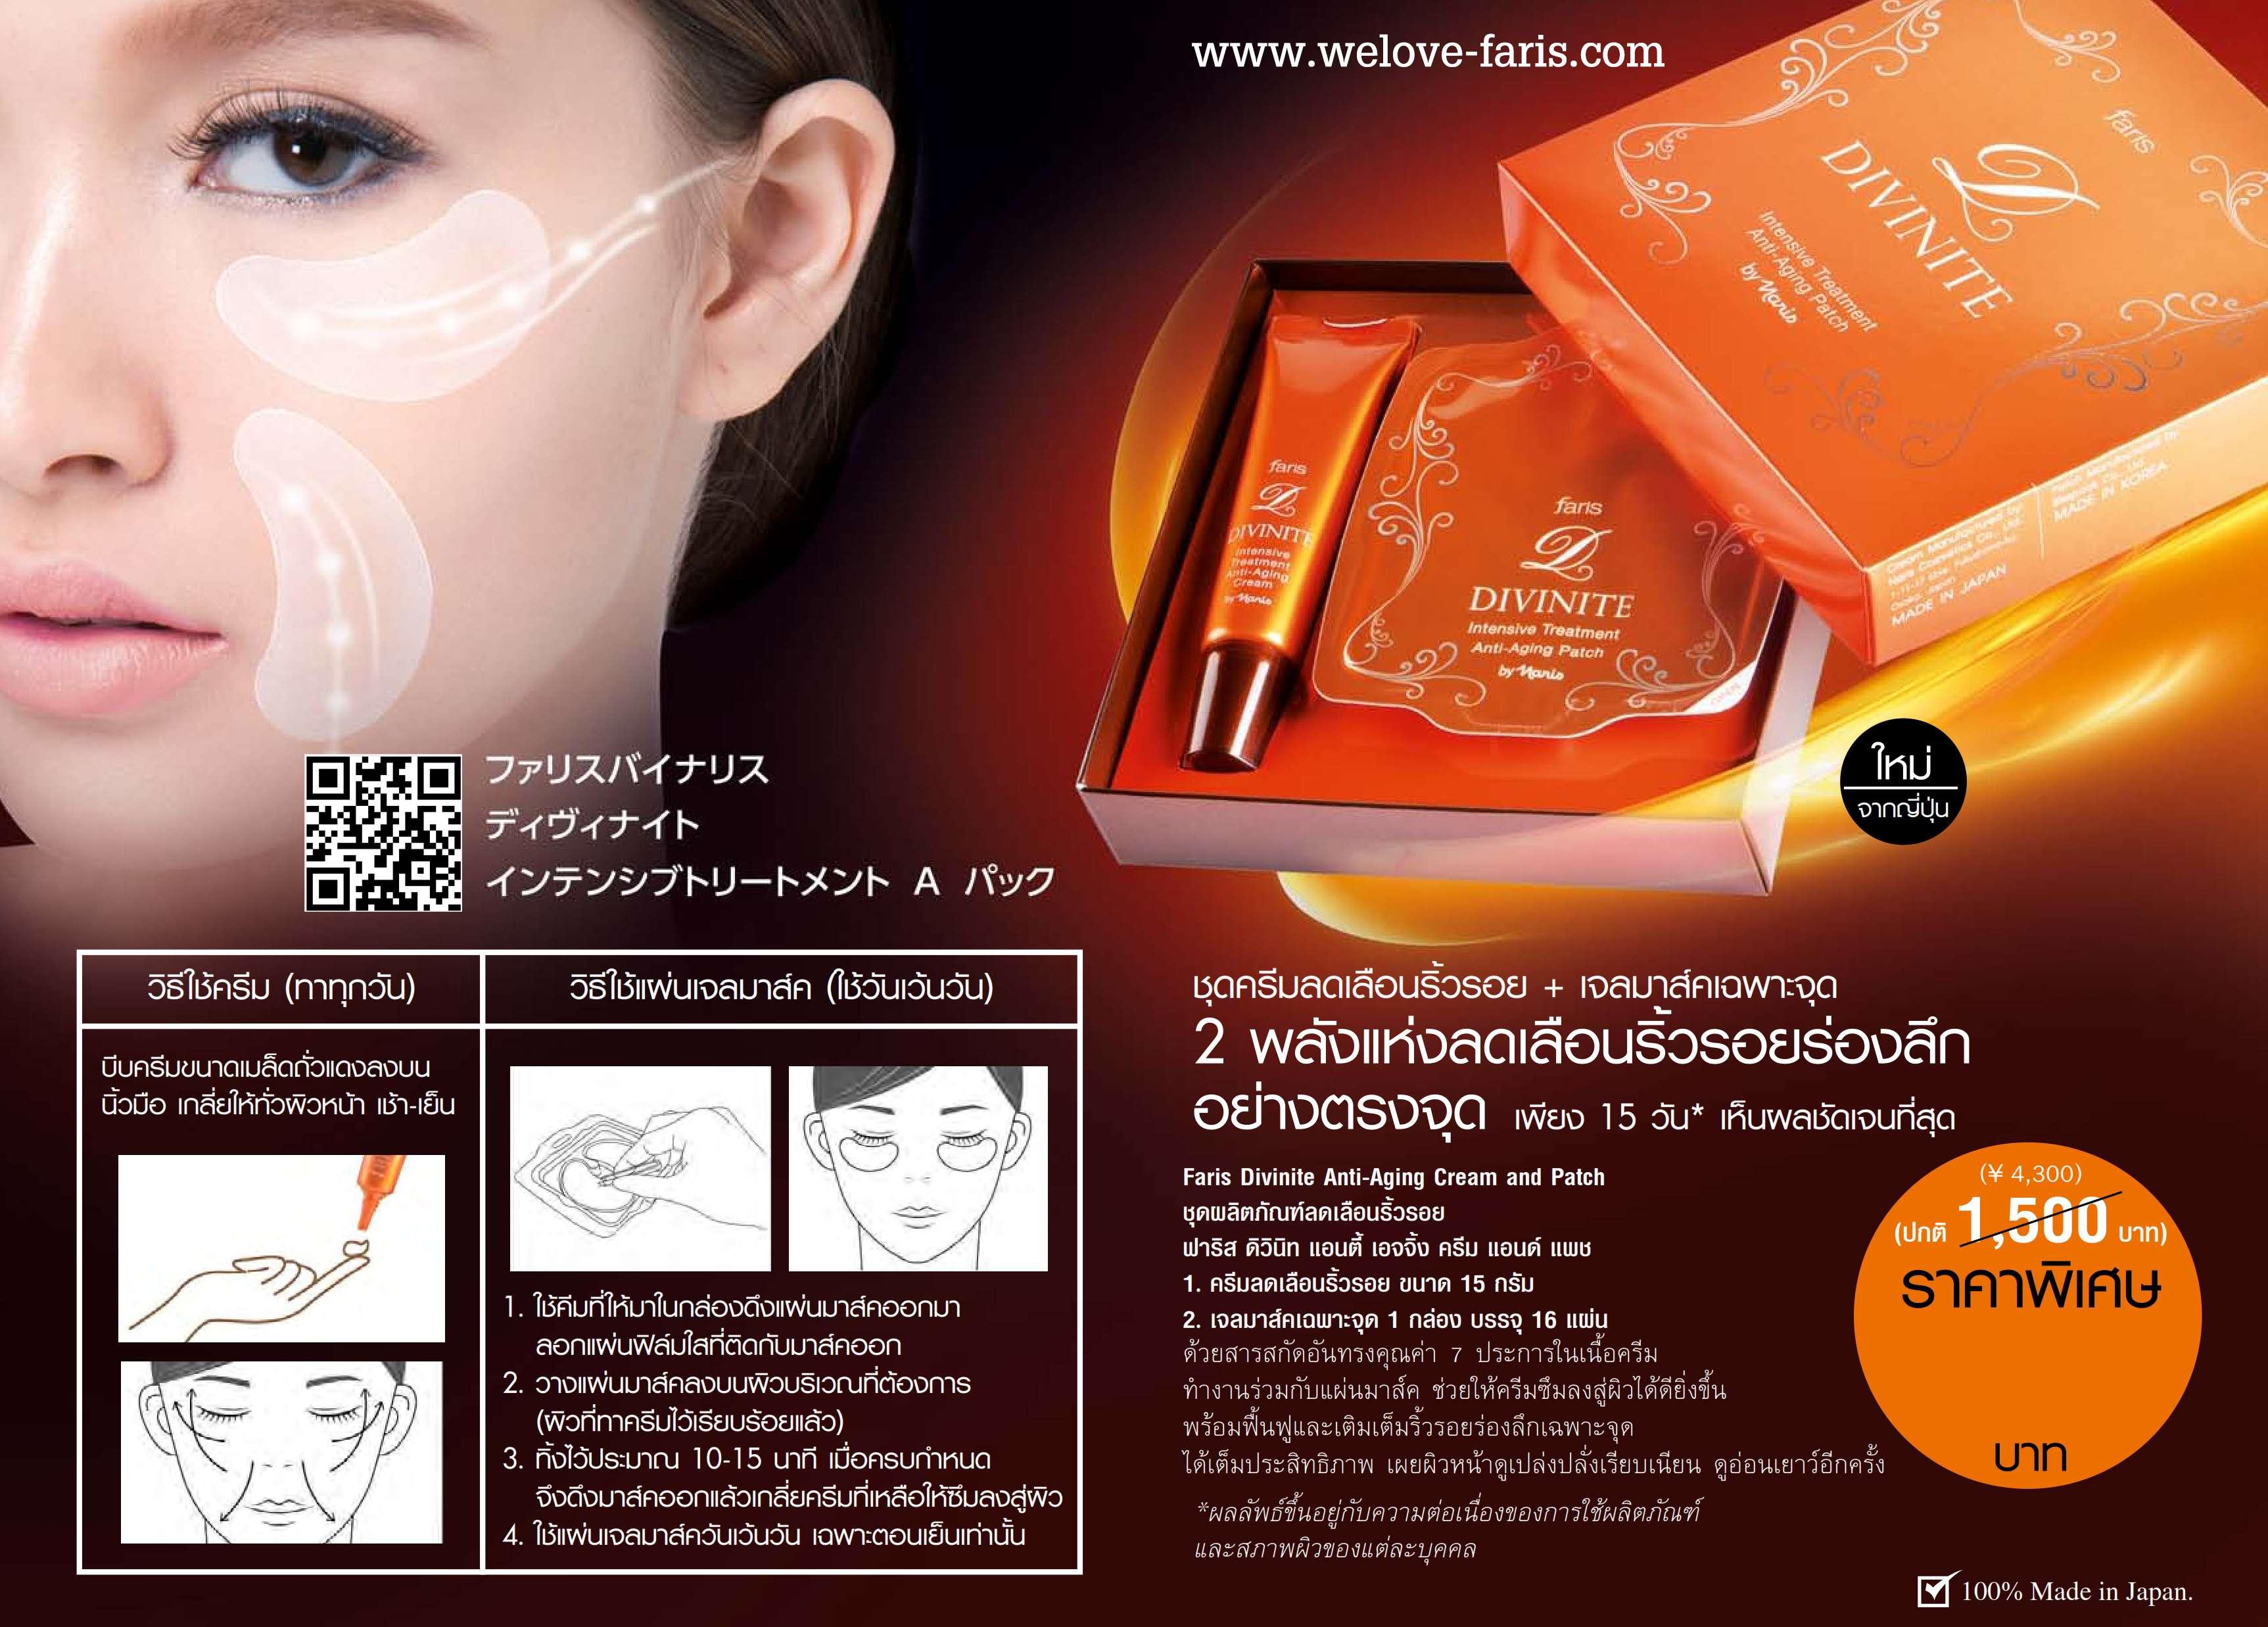 Faris Divinite Anti-Aging Cream and Patch